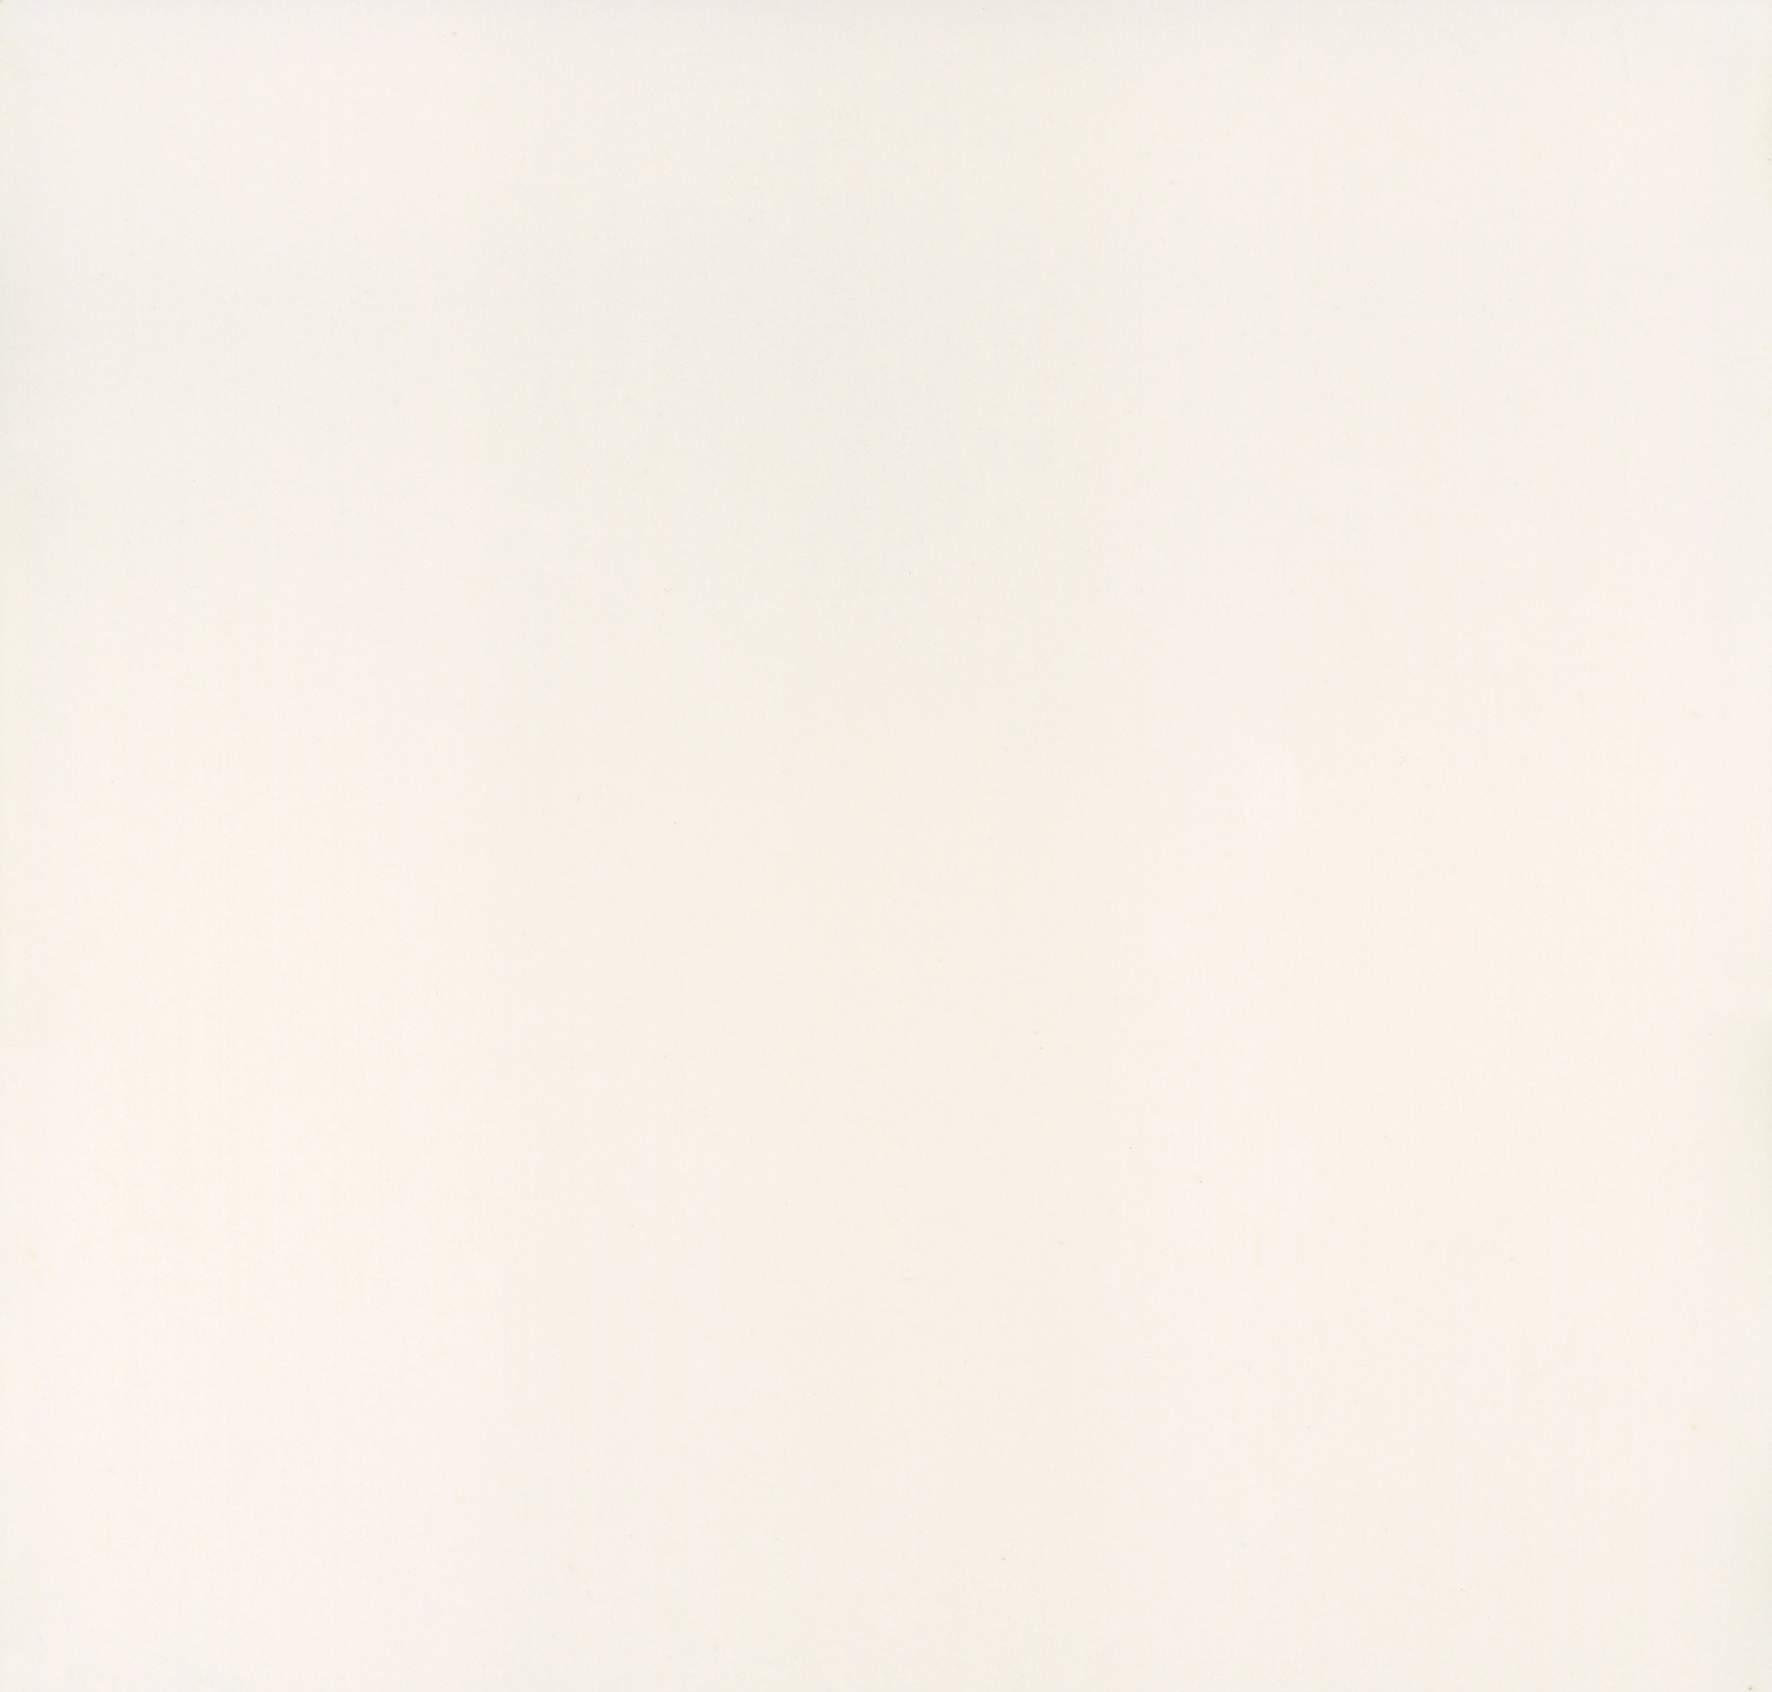 亚细亚地砖希尔顿一体化系列J30023J30023